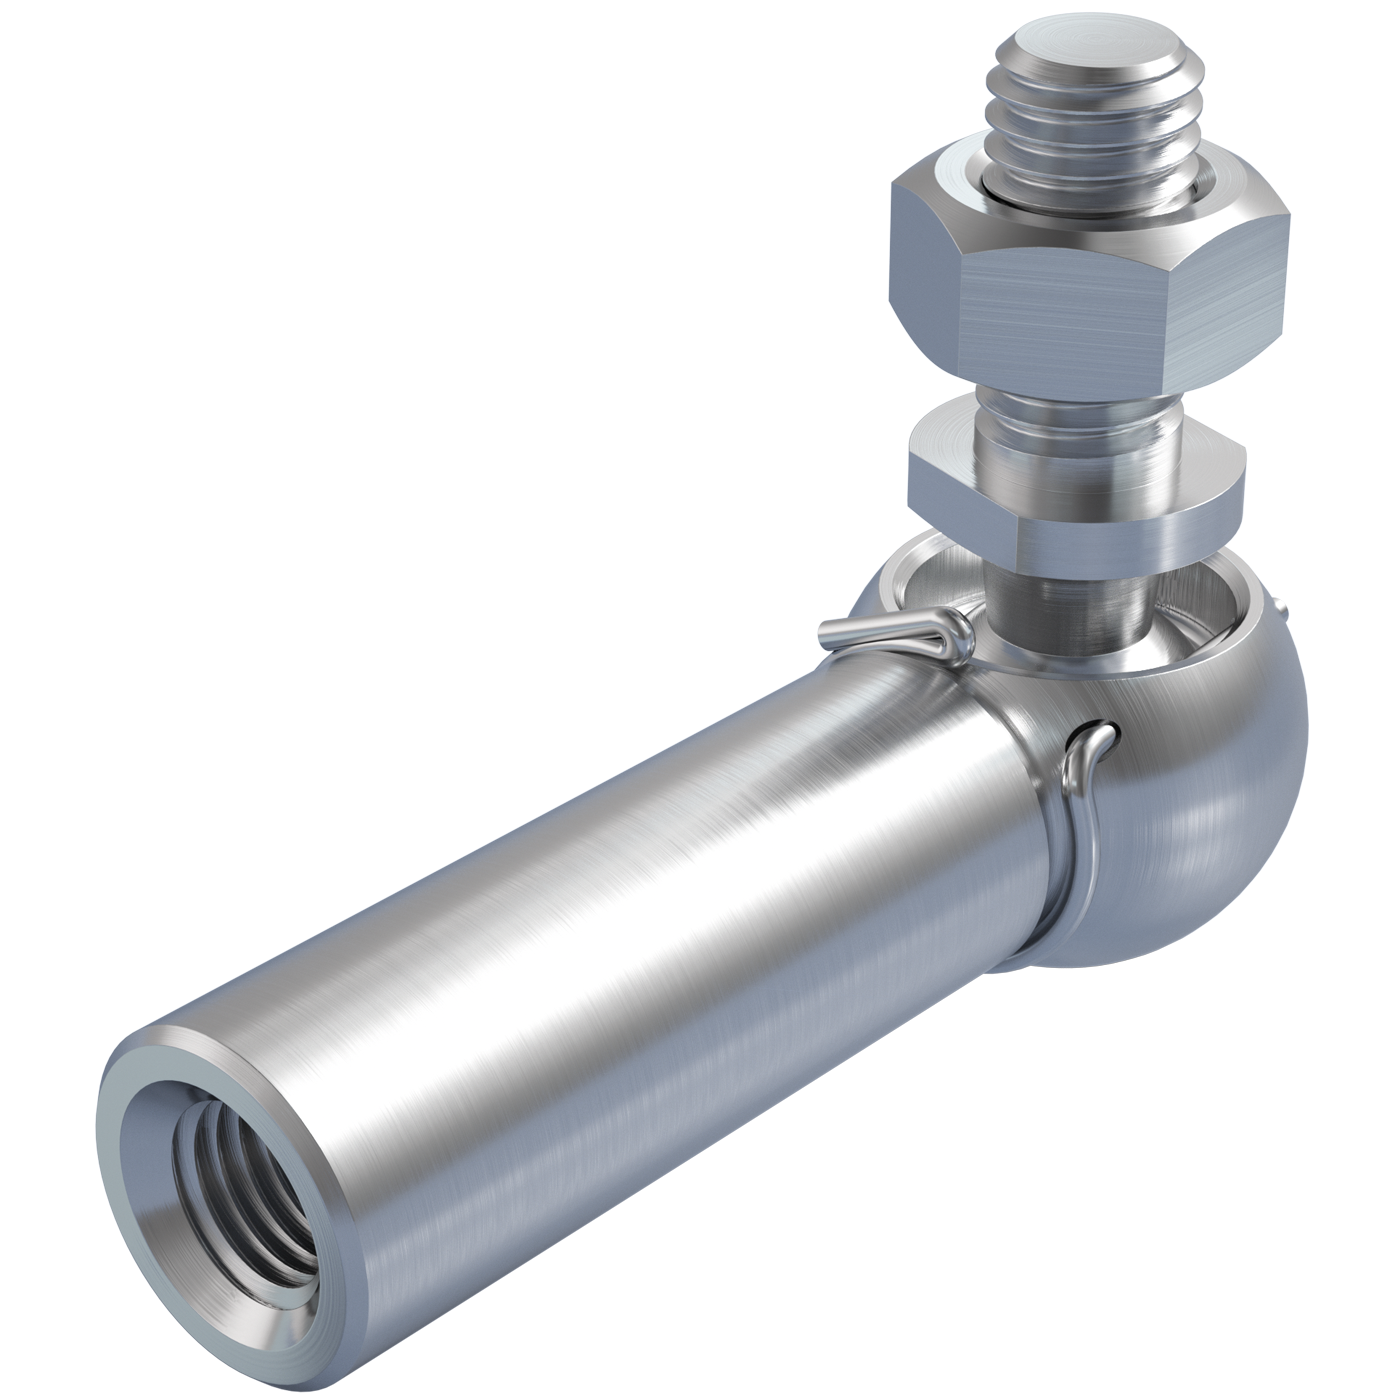 mbo Oßwald ist Winkelgelenk Hersteller, Winkelgelenke Hersteller, ähnlich DIN 71802 Form CS, mit Gewindezapfen und langer Kugelpfanne. Folgende Materialien stehen zur Auswahl: Stahl oder Edelstahl 1.4305, bzw. Edelstahl 1.4404, A4 Qualität.